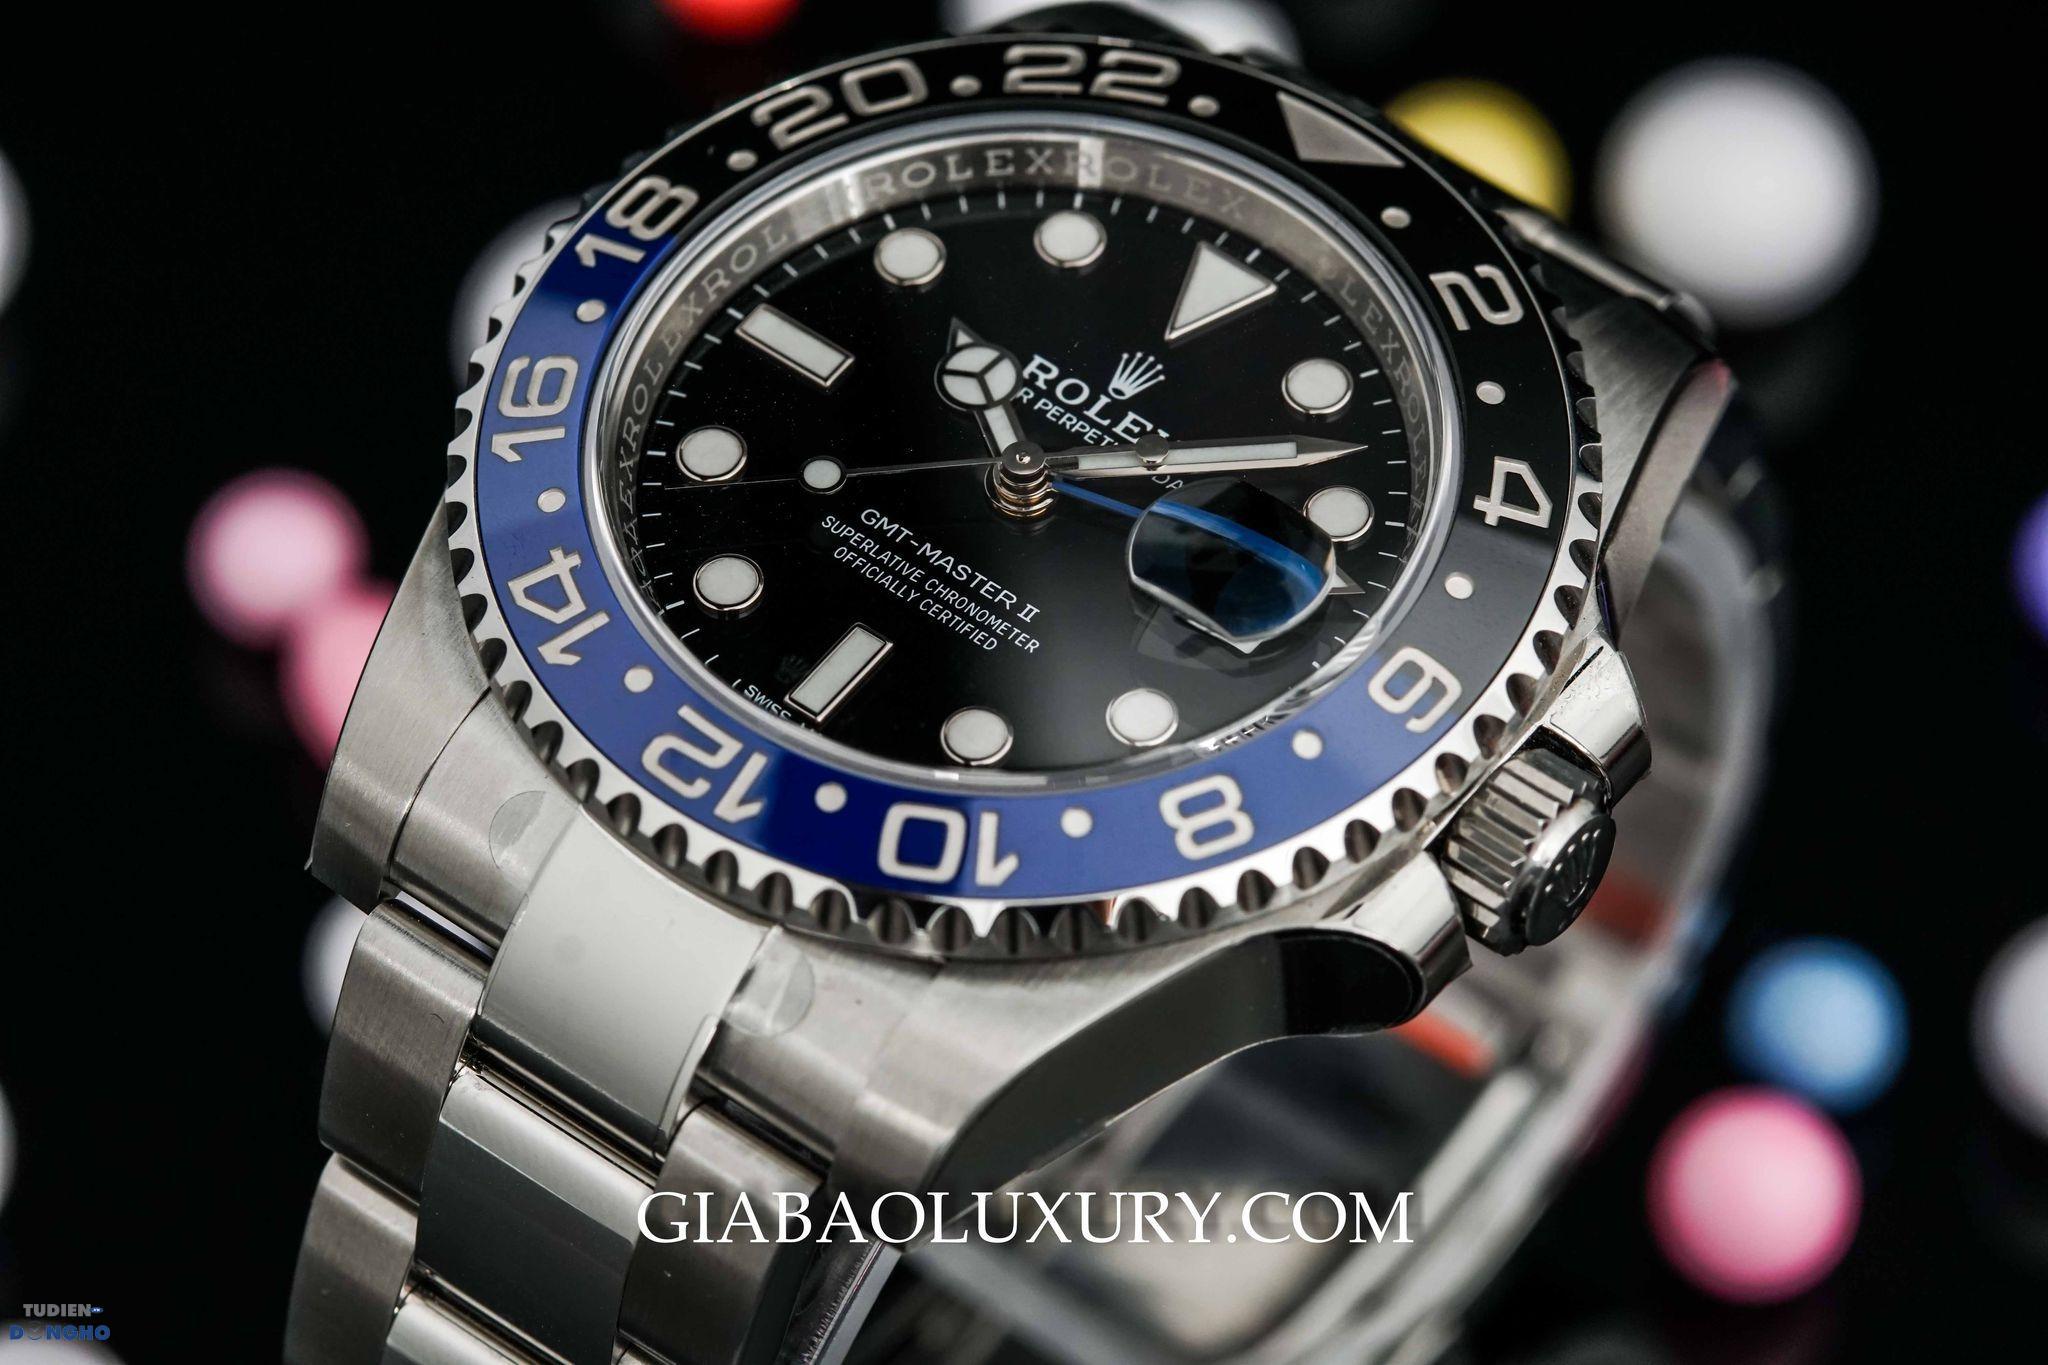 BLNR trong mẫu đồng hồ Rolex Batman GMT Master II 116710BLNR cho biết vành Bezel gồm 2 màu xanh và đen.